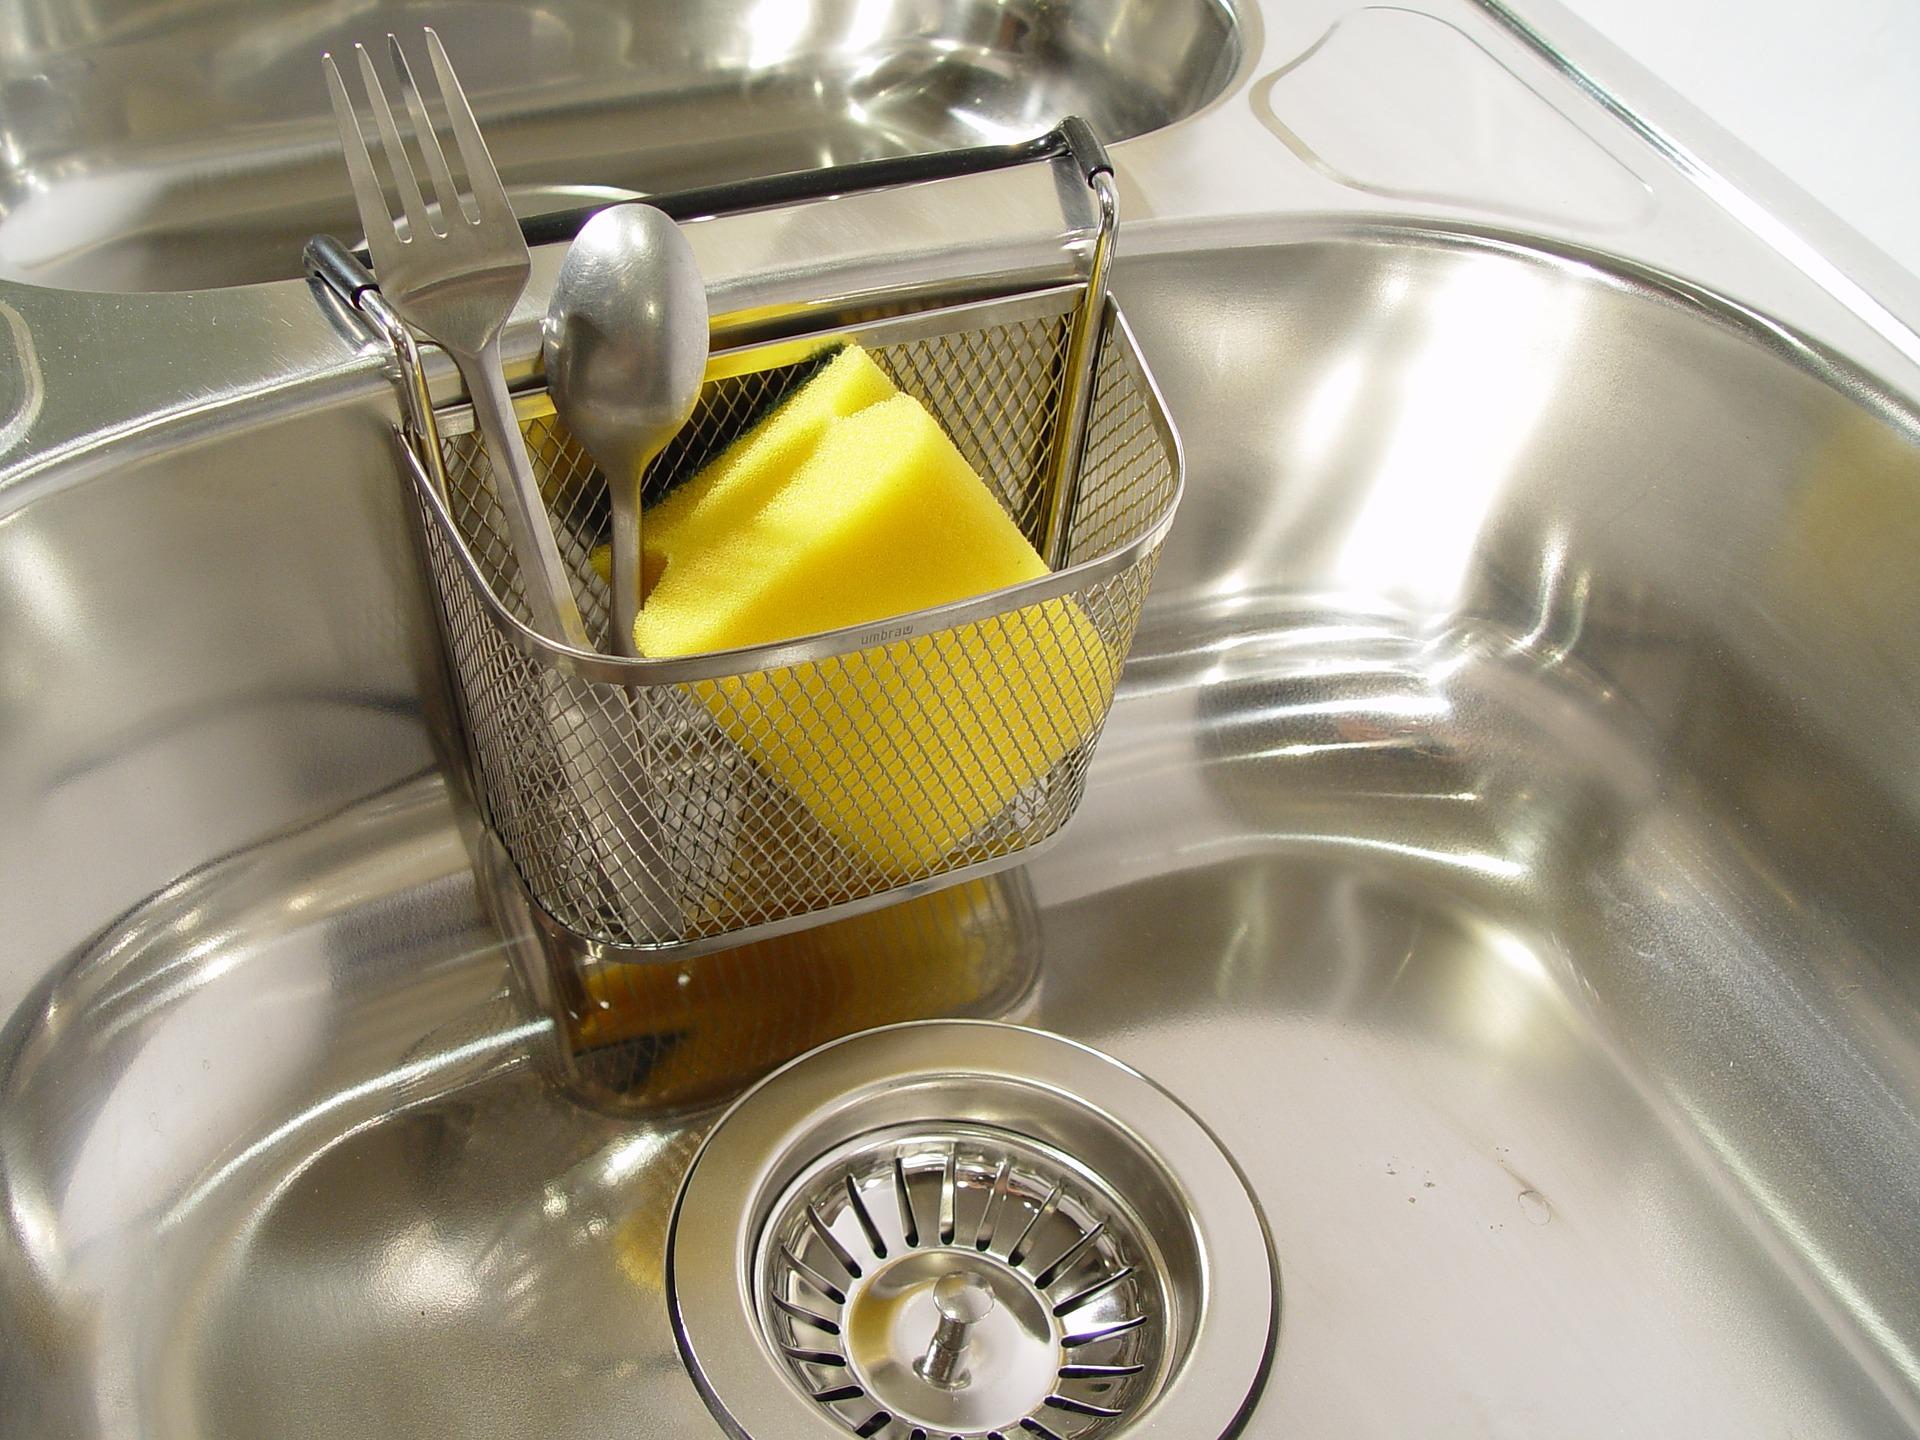 sink-1417457_1920